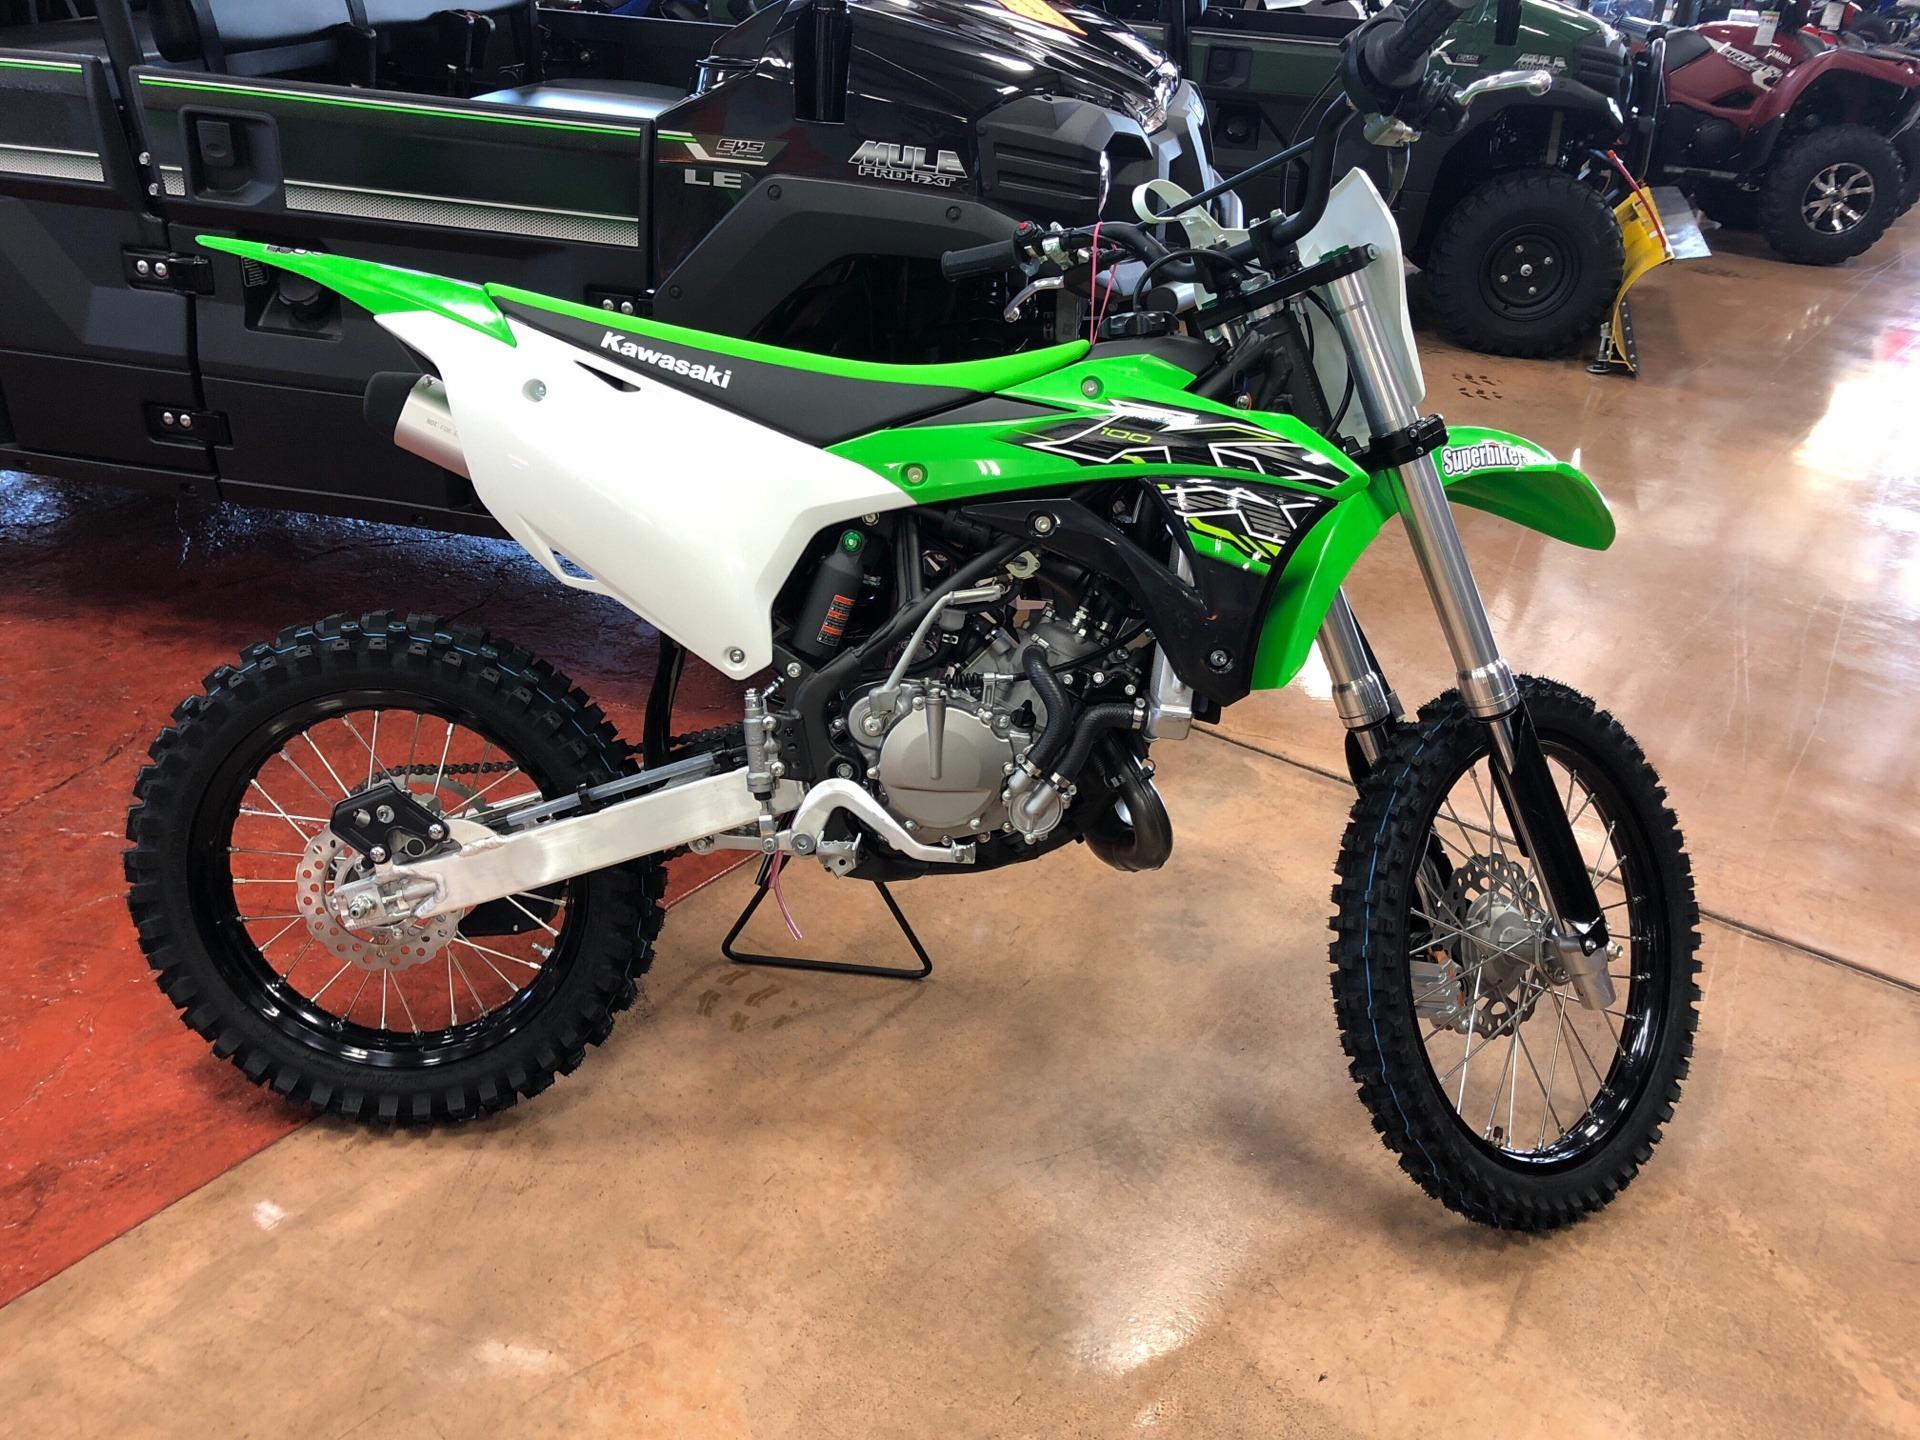 2019 Kawasaki KX 100 for sale 5597